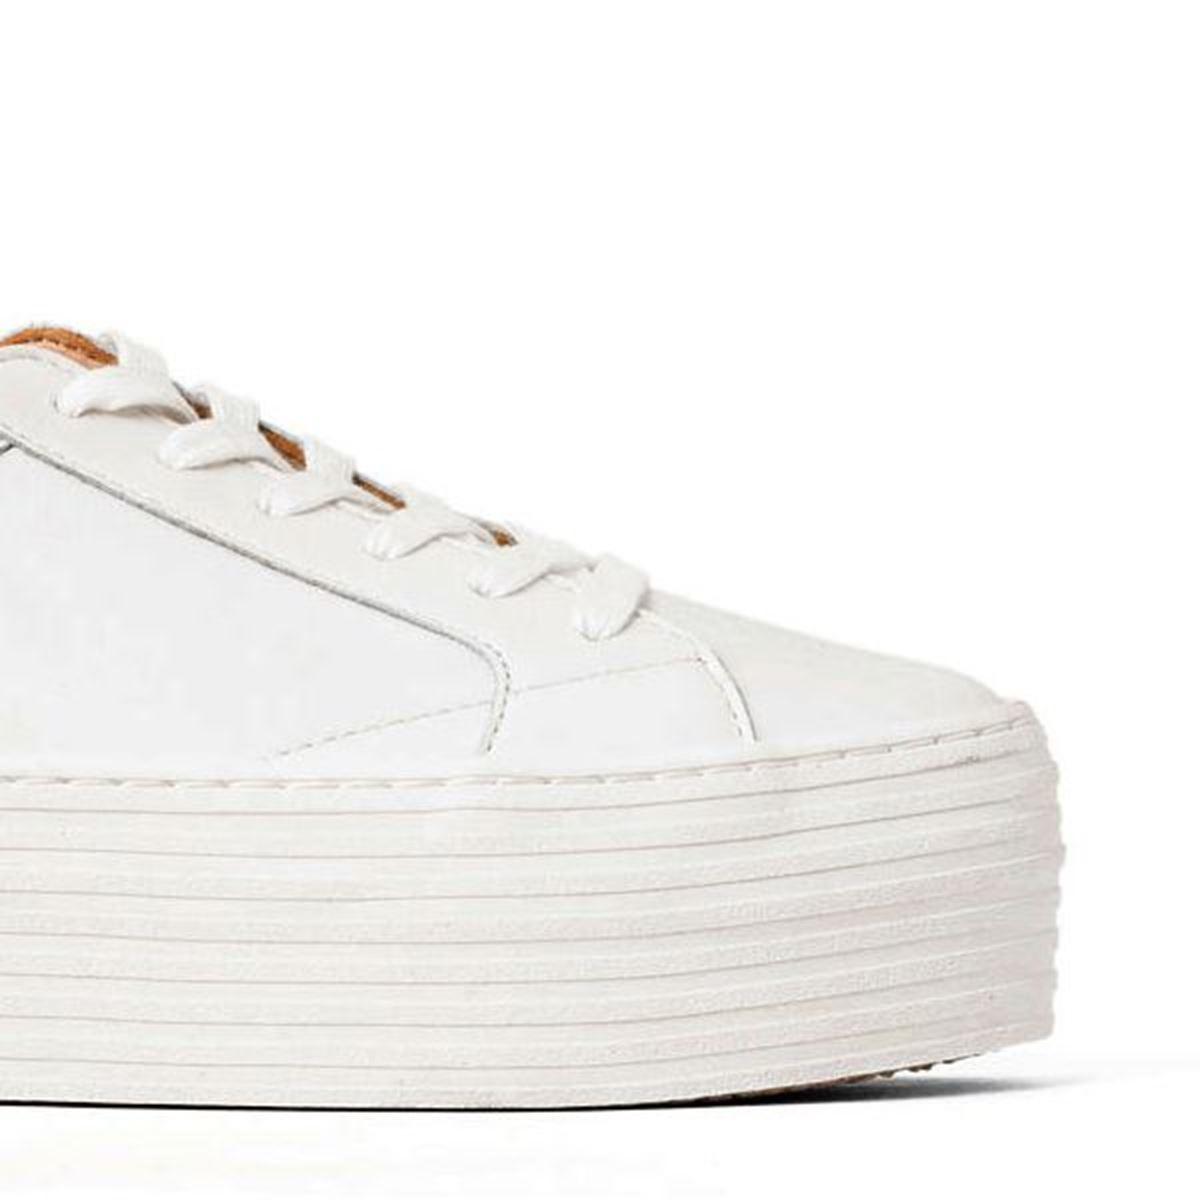 [新入荷]SPICE-11170-WHITE スパイス ホワイト